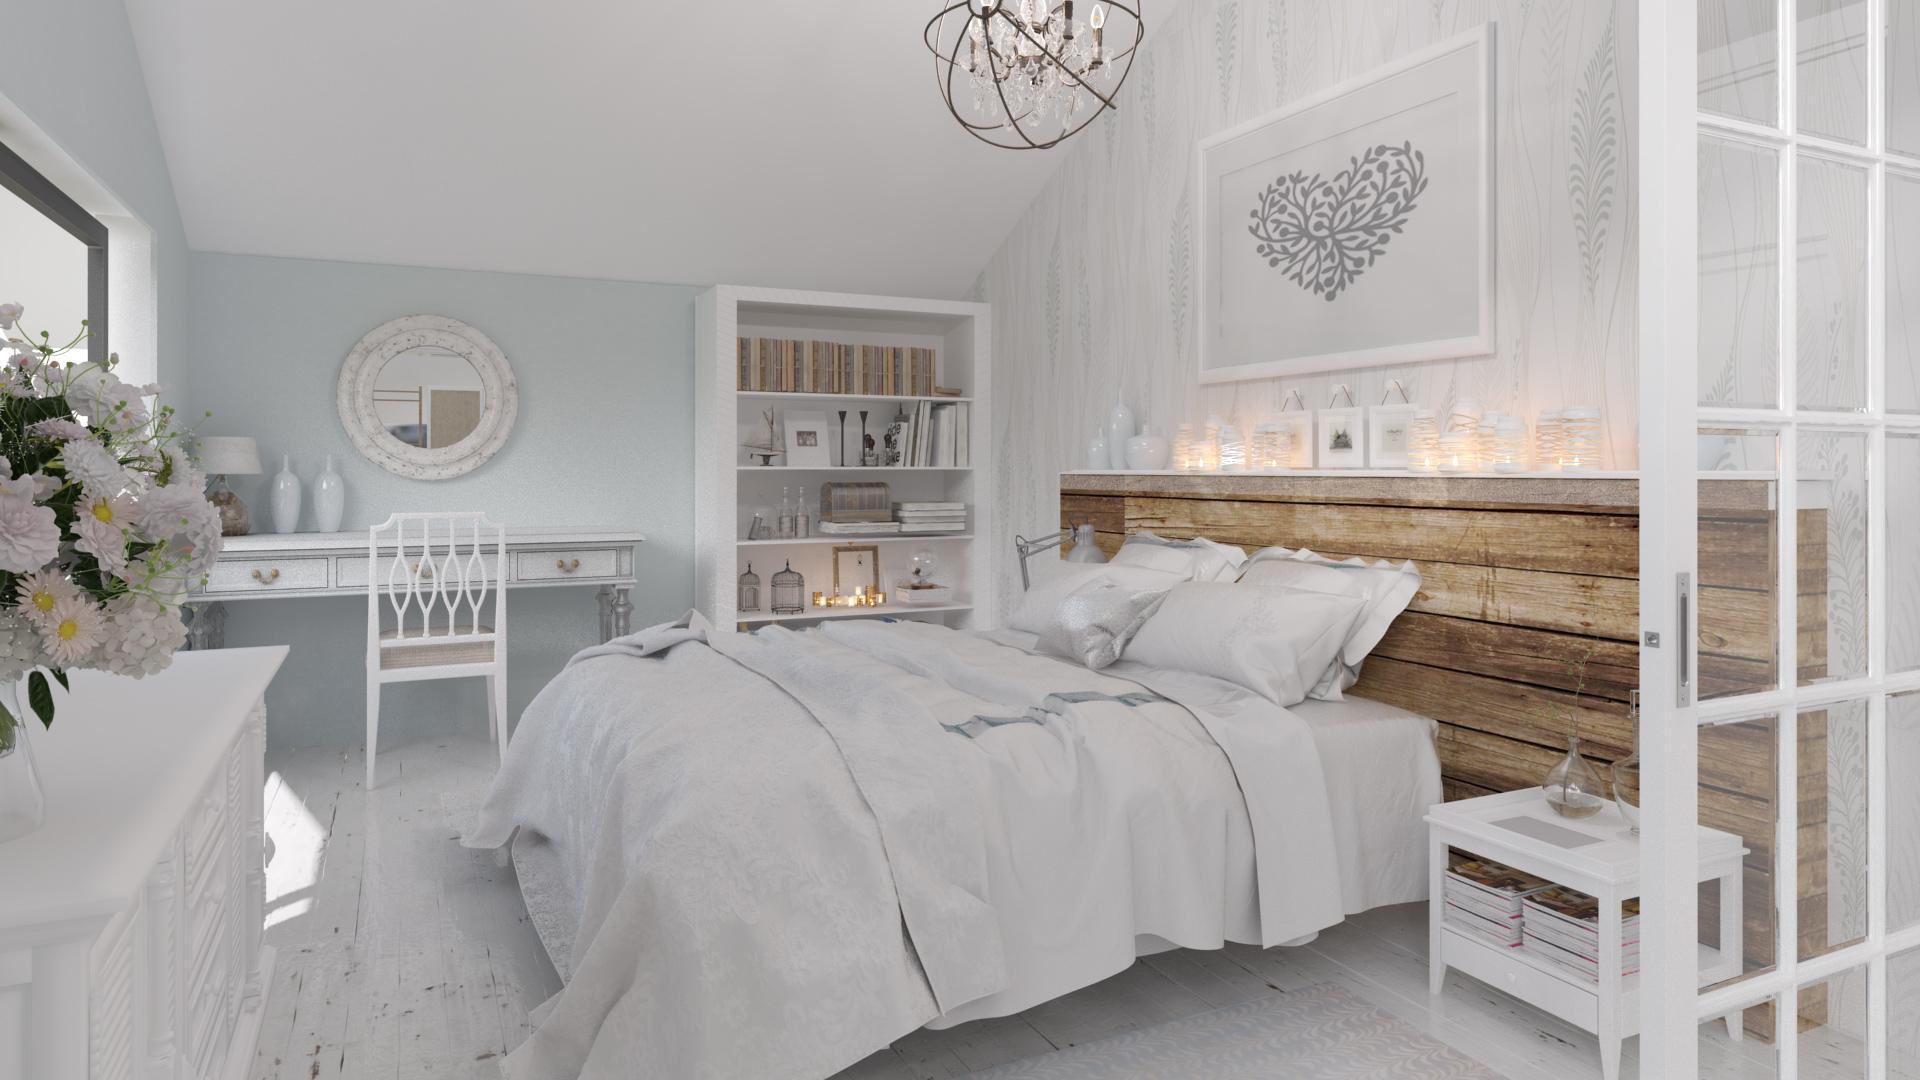 amenajare_interioara_dormitor2